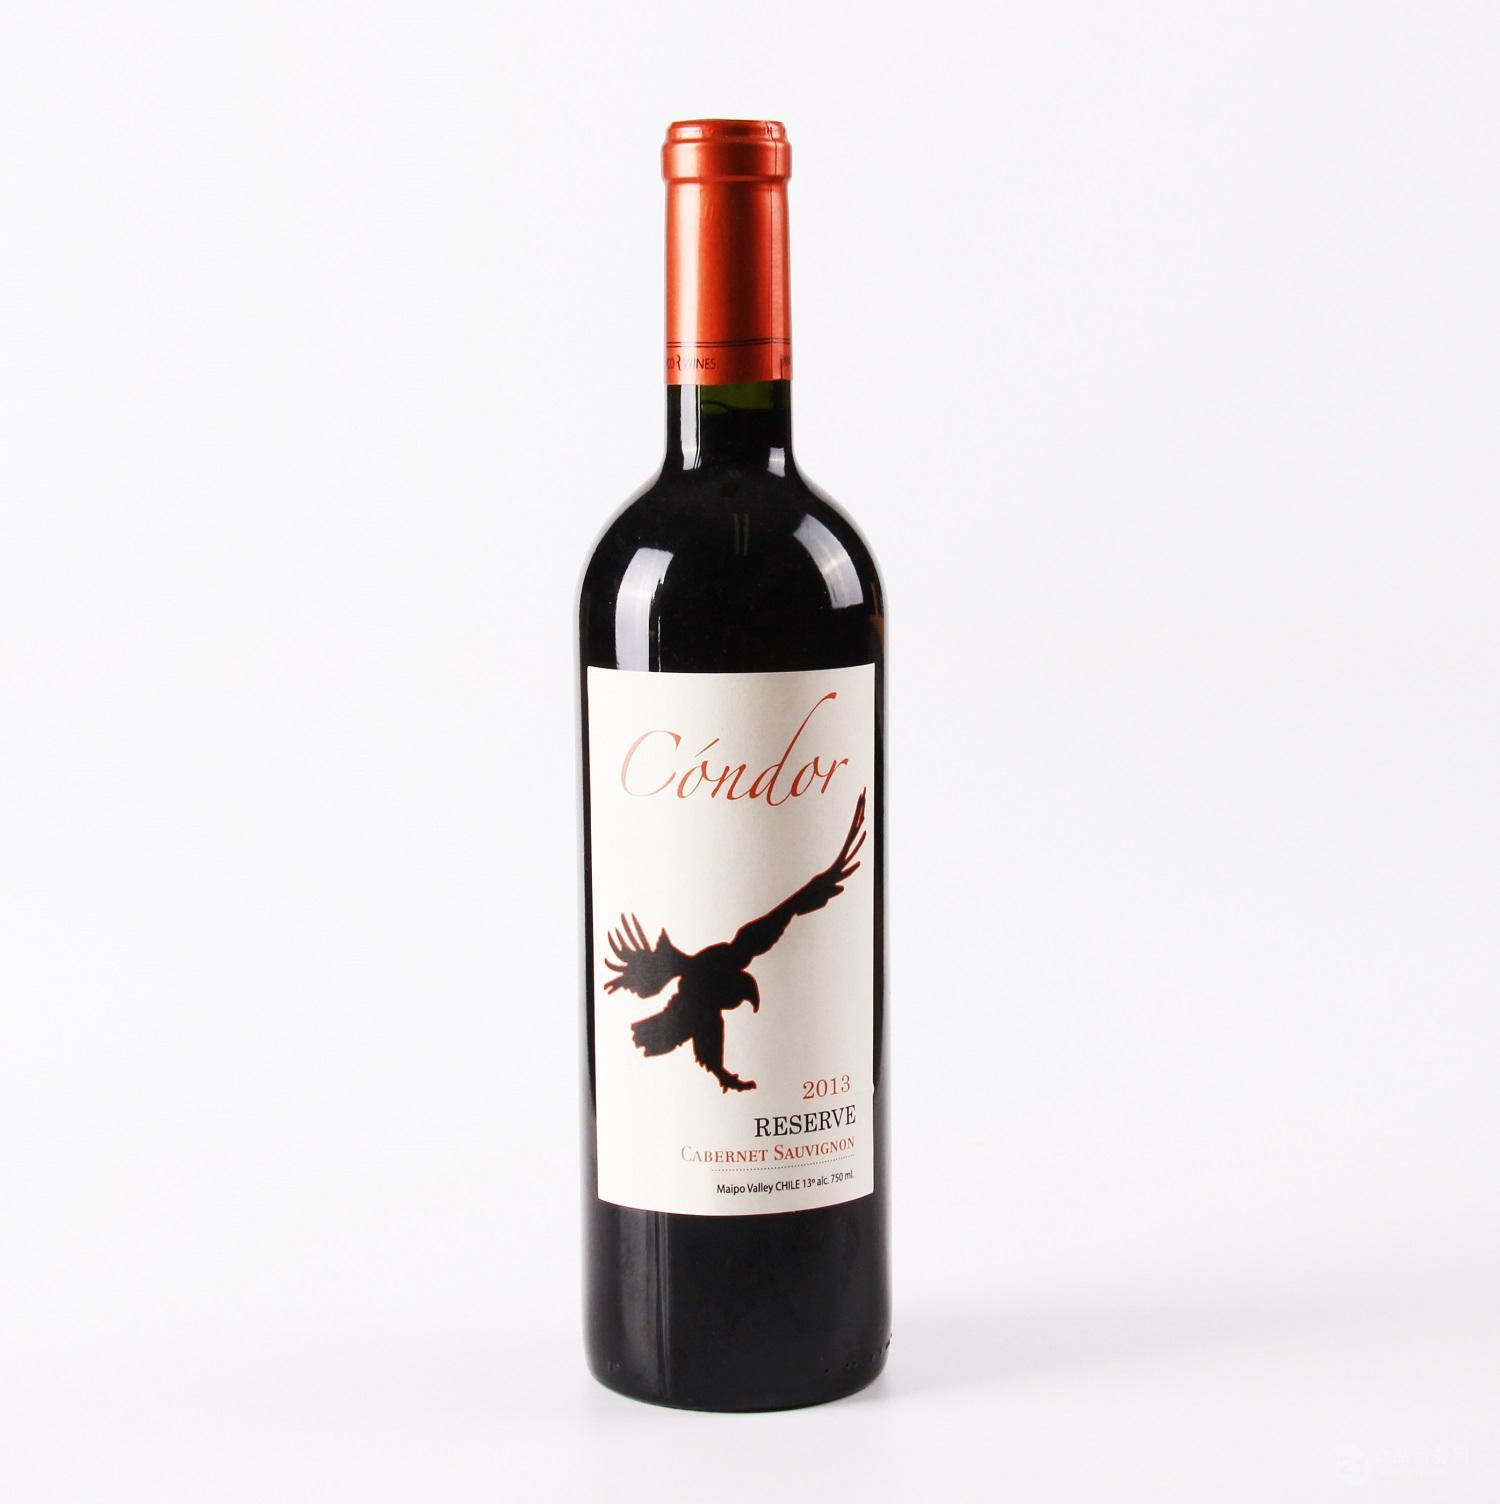 智利红酒批发#安第斯雄鹰(珍藏赤霞珠)#智利葡